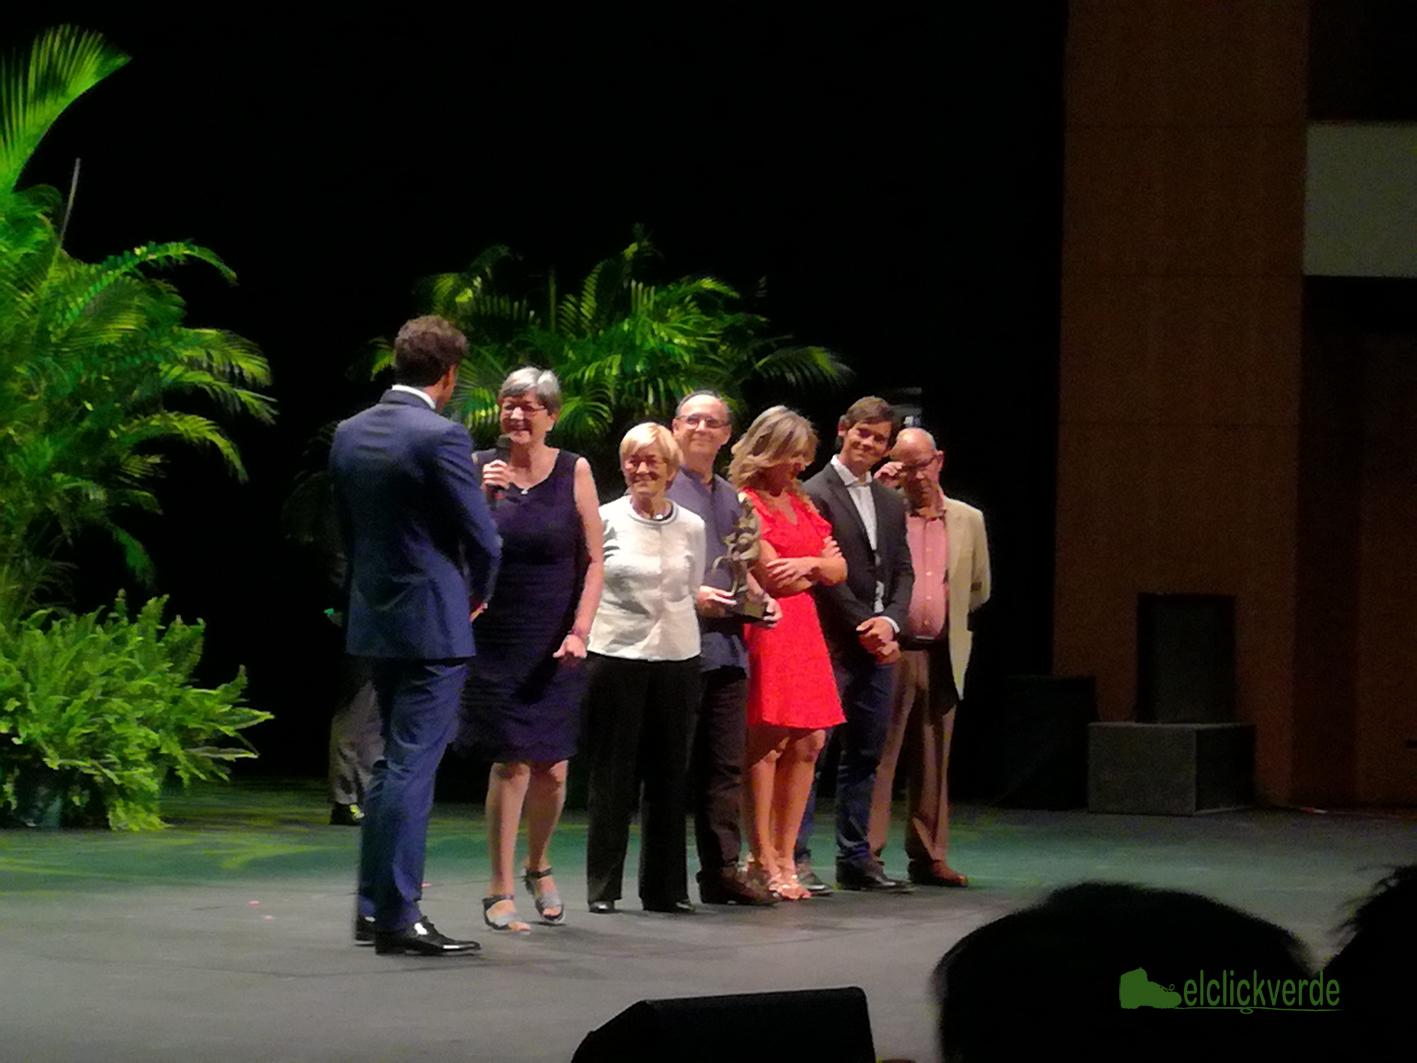 Isabel Rubio, María Luisa Mestre, Feliciano Sáez, Celia Martínez Mora, Oscar Alcaraz y Jorge Luis Enrique